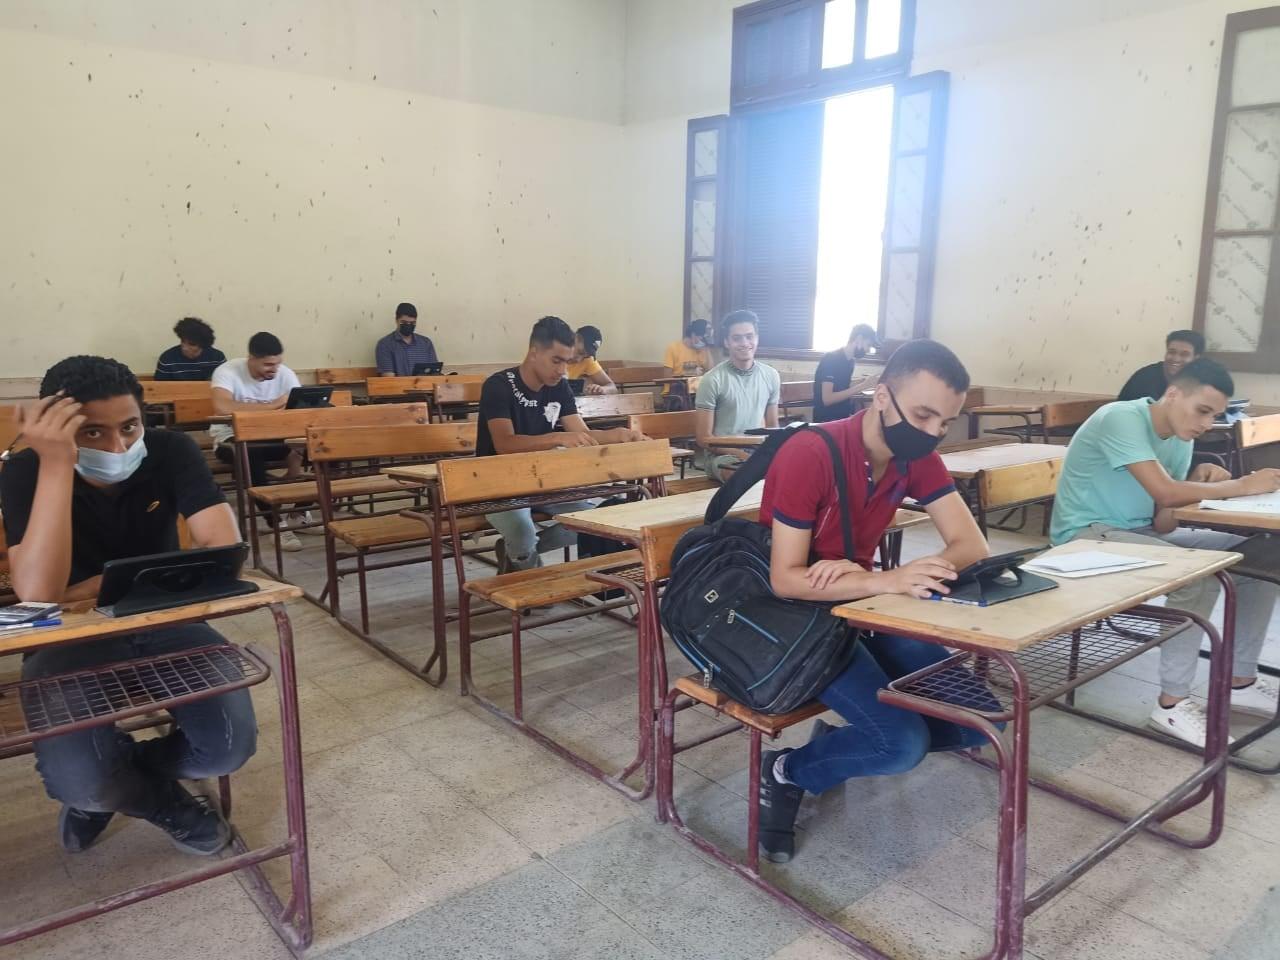 السفير الألماني بالقاهرة: الطالب المصري يتمتع بمواصفات متميزة وكفاءة عالية